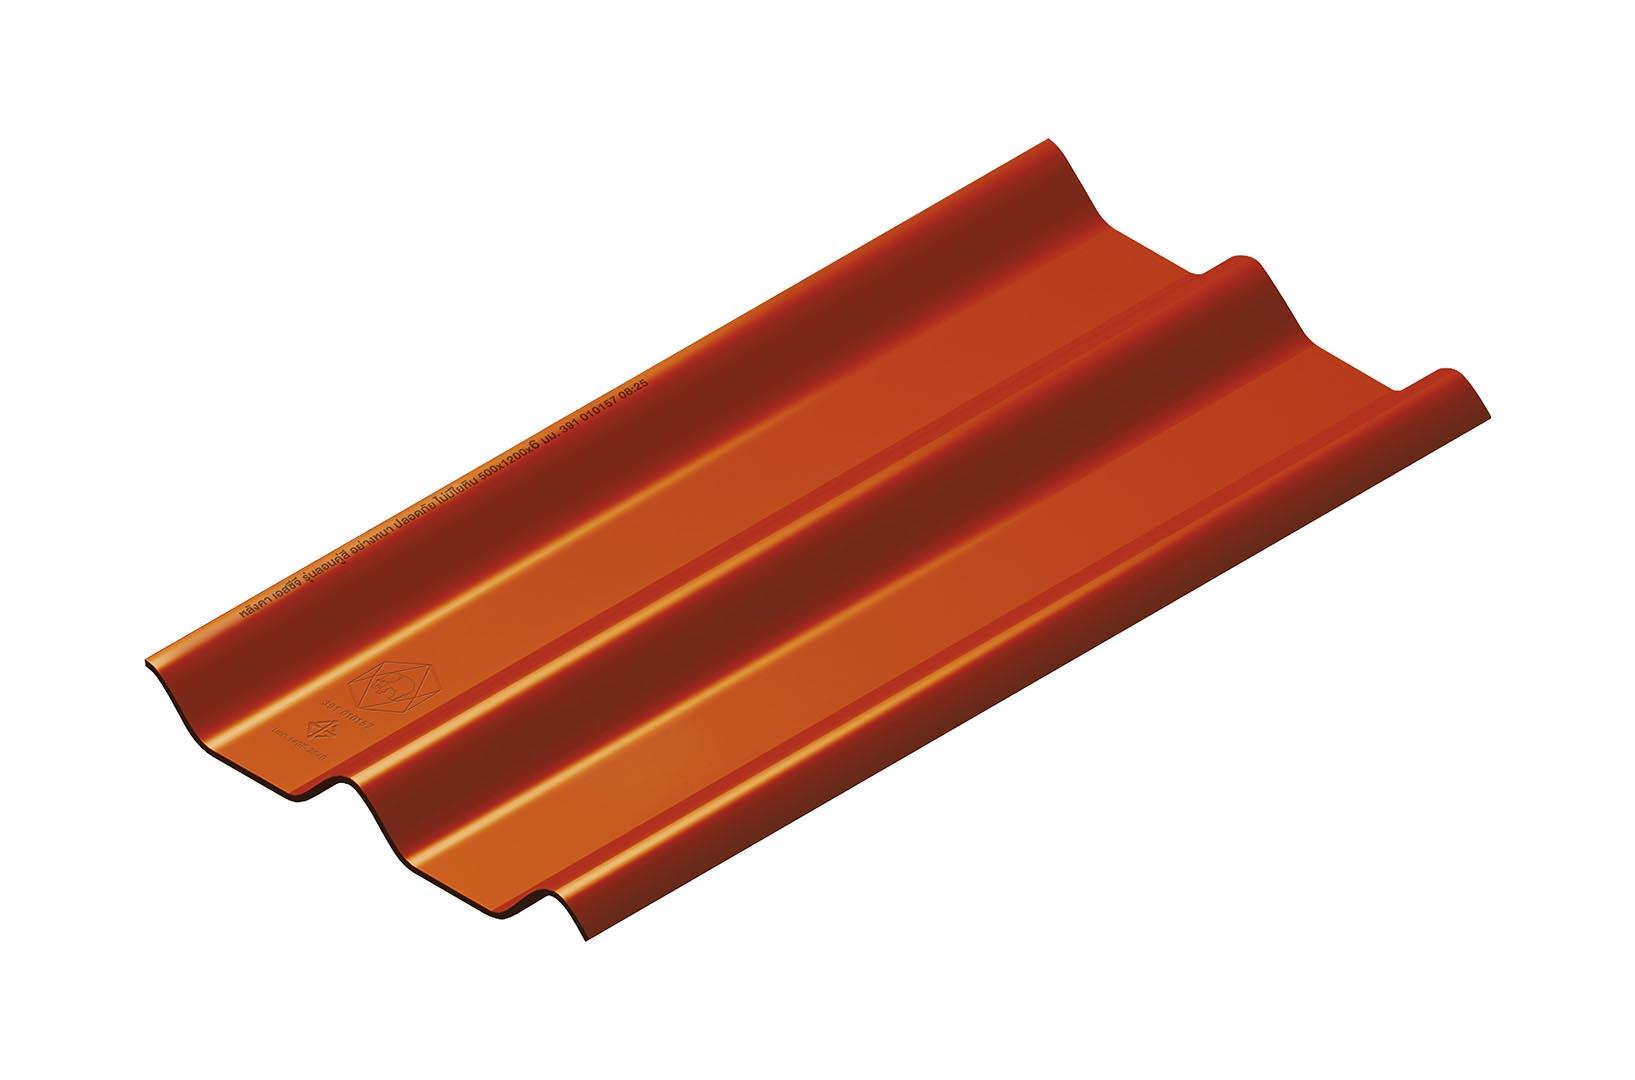 หลังคาไฟเบอร์ซีเมนต์ เอสซีจี รุ่น ลอนคู่ไฮบริด 50x120x0.55 สีหมากสุก 1